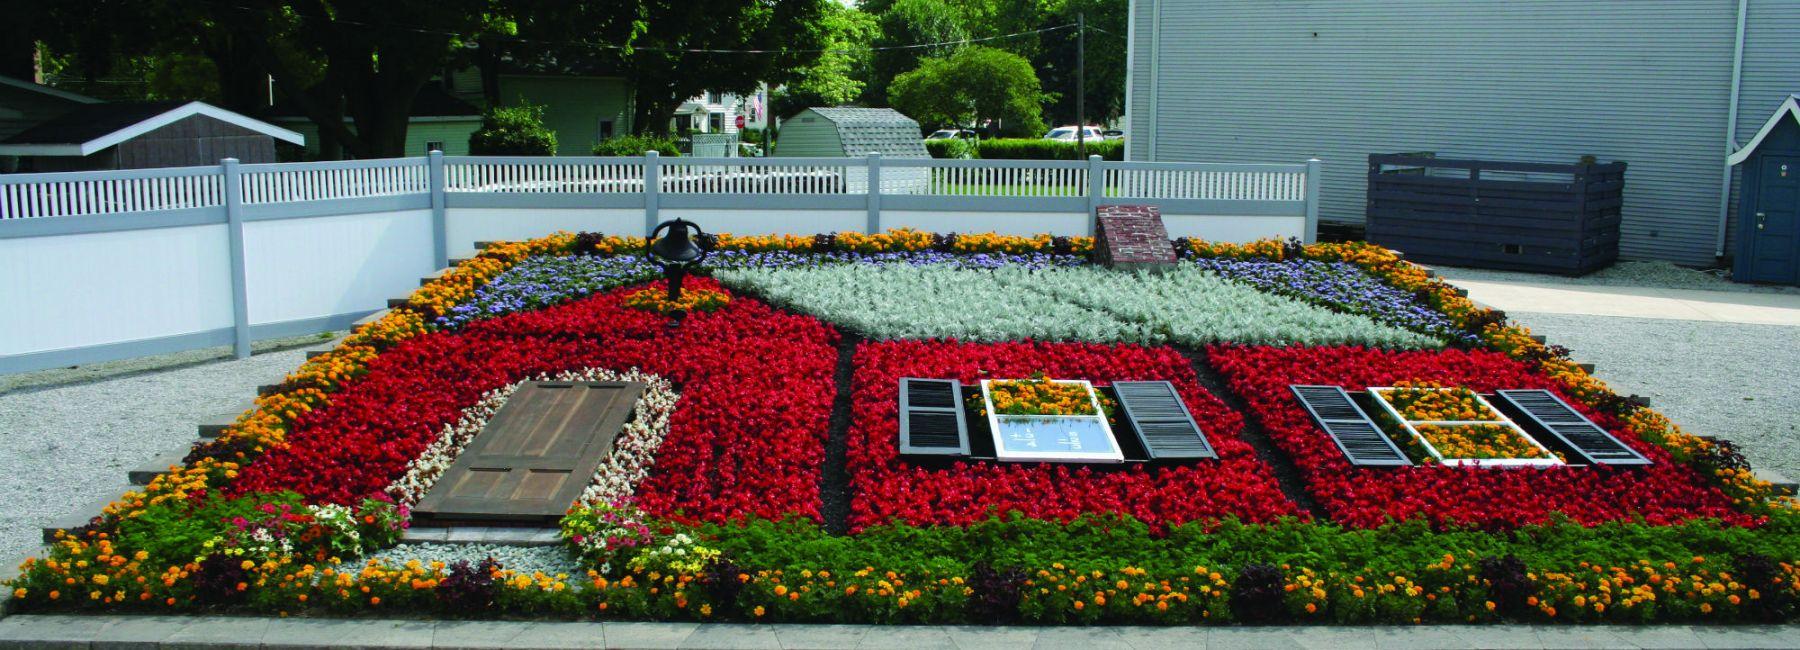 Elkhart Flowerbed